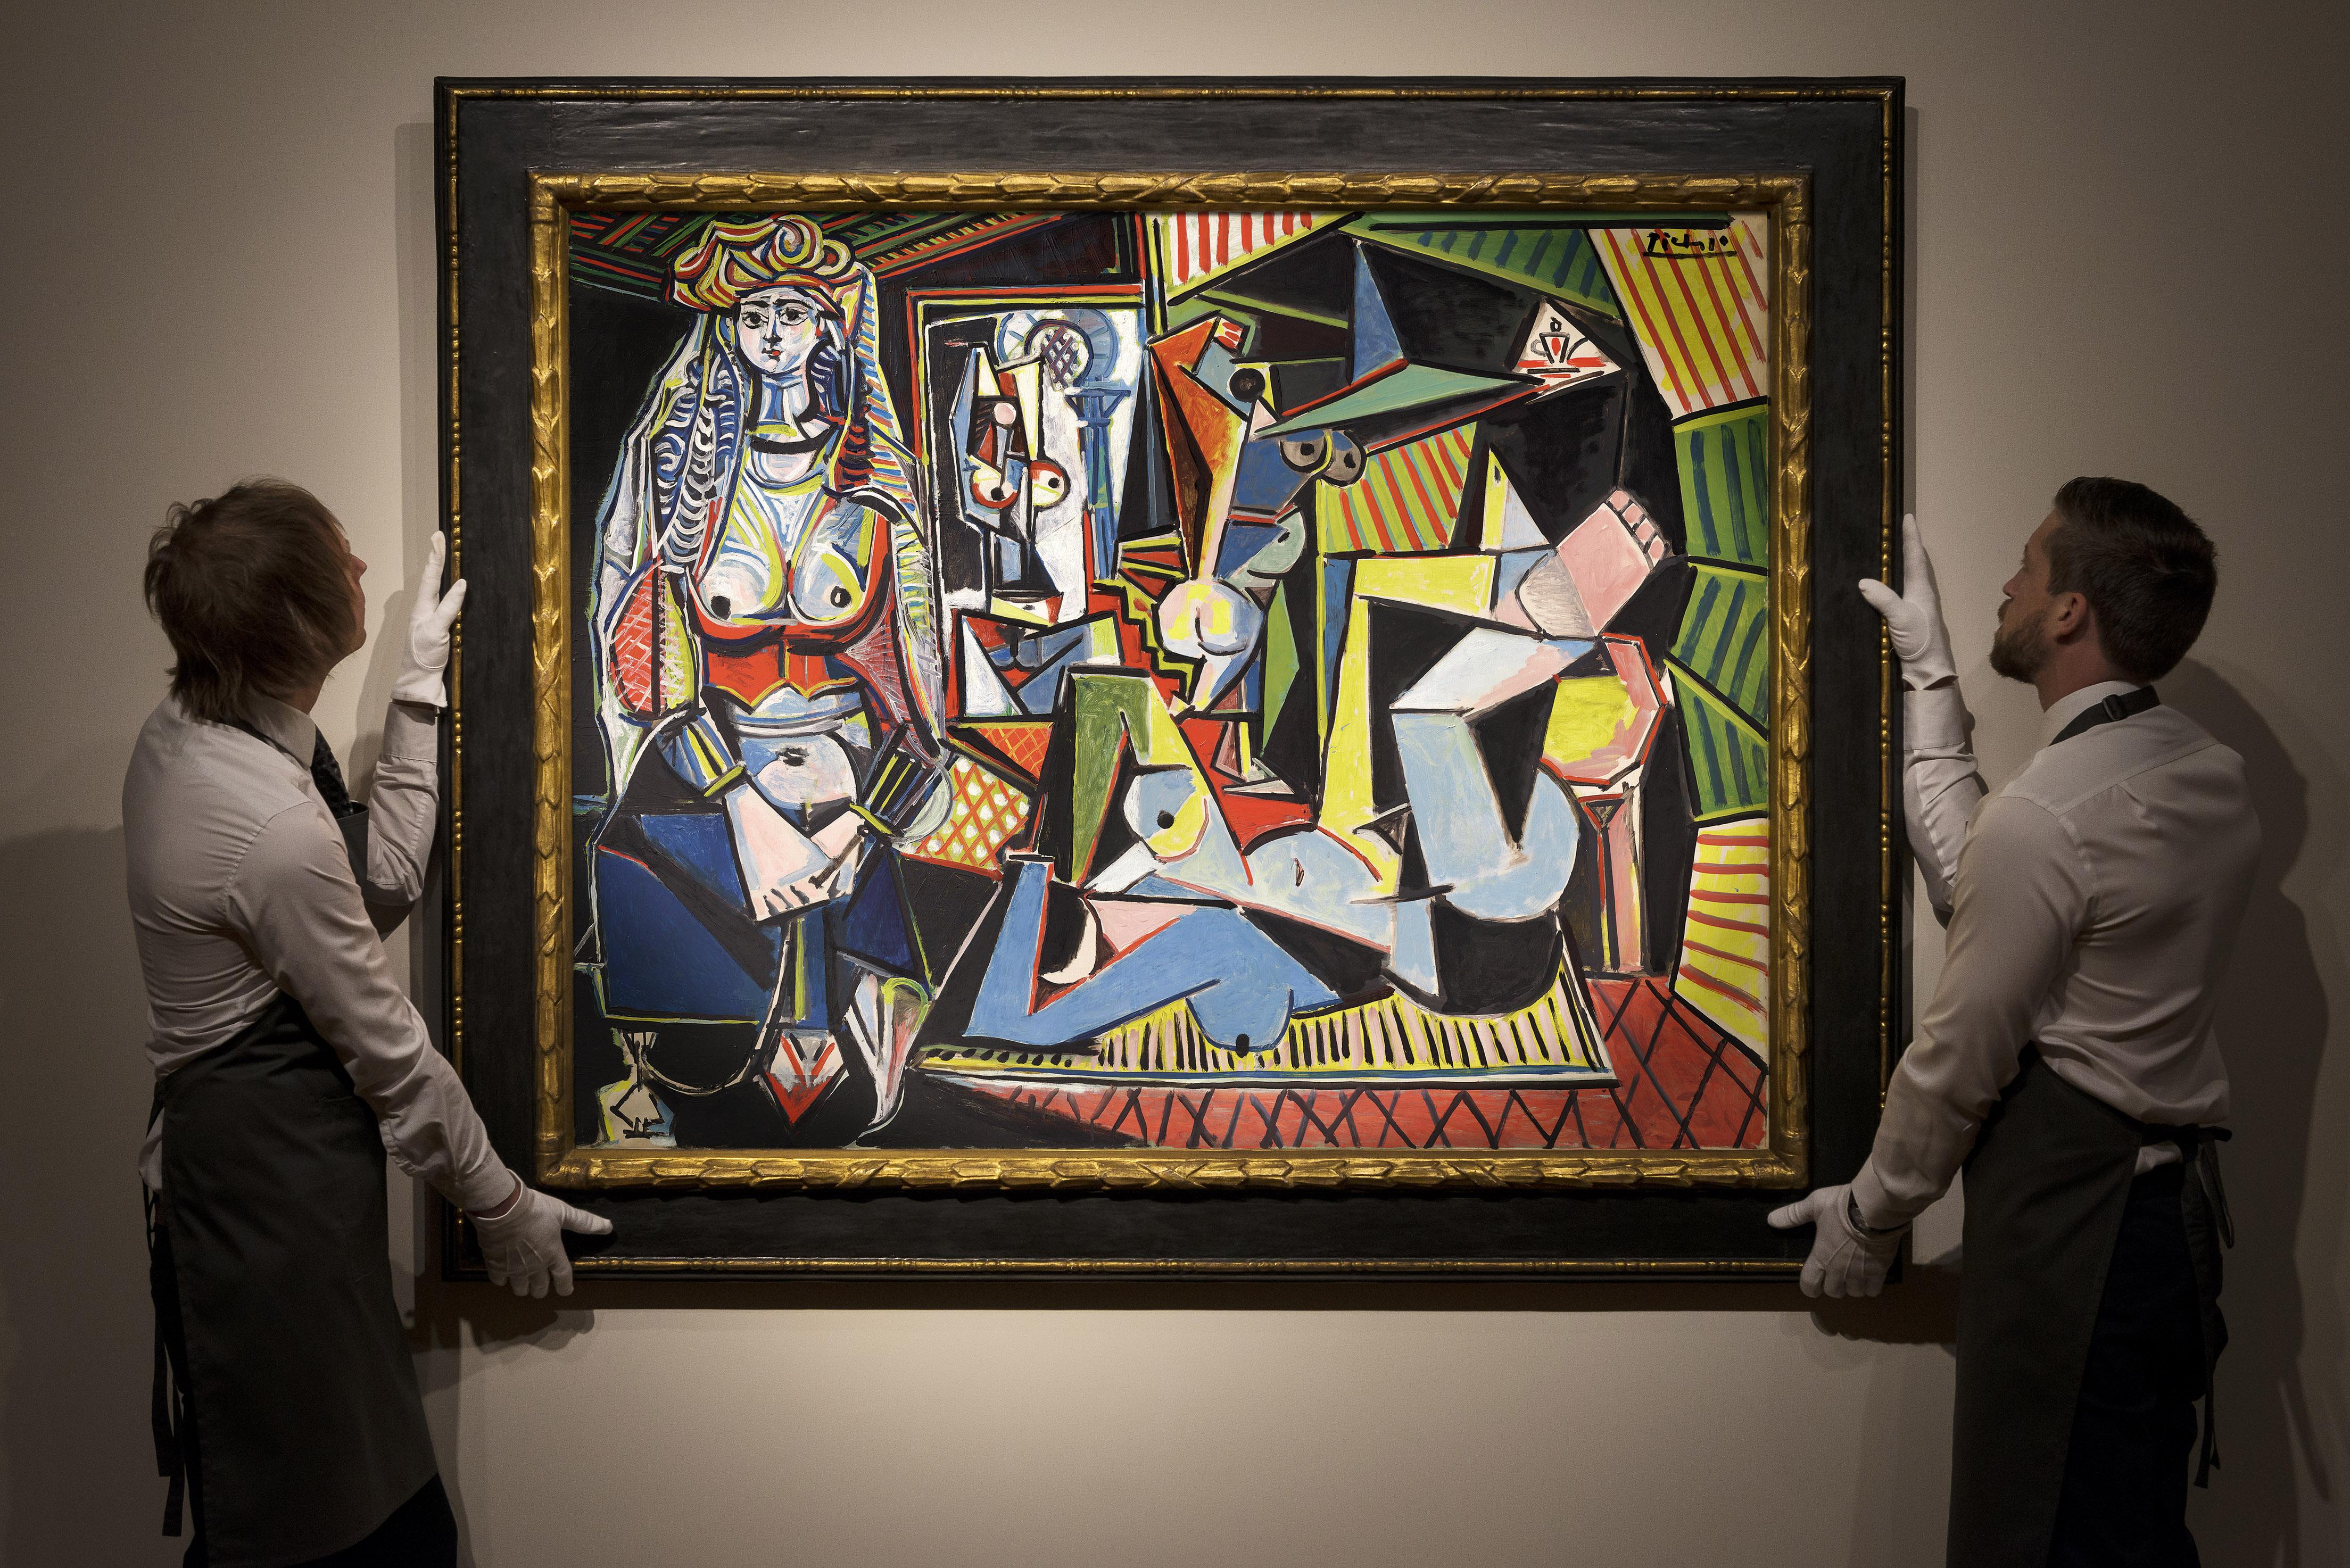 """Τον Μάιο του 2015 δημοπρατήθηκε από τον οίκο Κρίστις για 179.36 εκ. δολάρια το έργο του 1955 Les femmes d'Alger (Version """"O""""). Είναι ένας από τους πιο ακριβούς πίνακες στον κόσμο."""